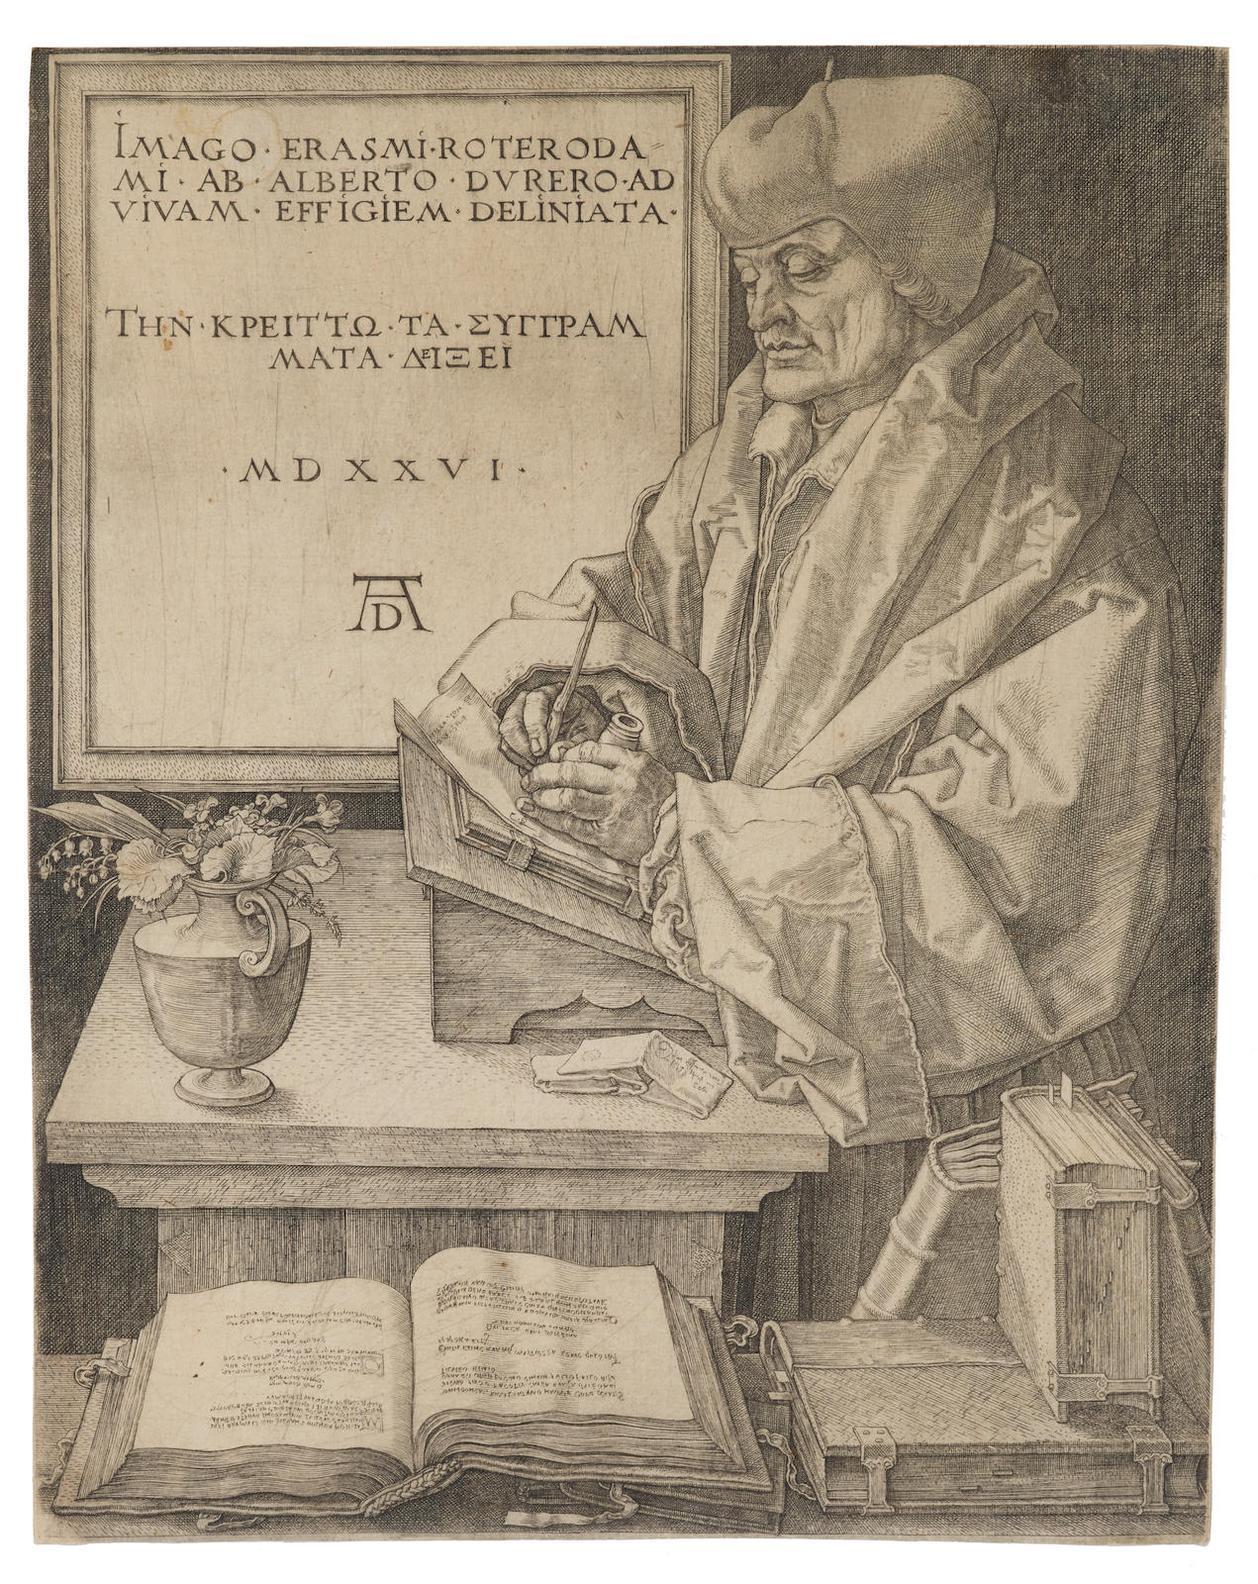 Albrecht Durer-Erasmus Von Rotterdam (B. 107; M., Holl. 105; S.M.S. 102)-1526